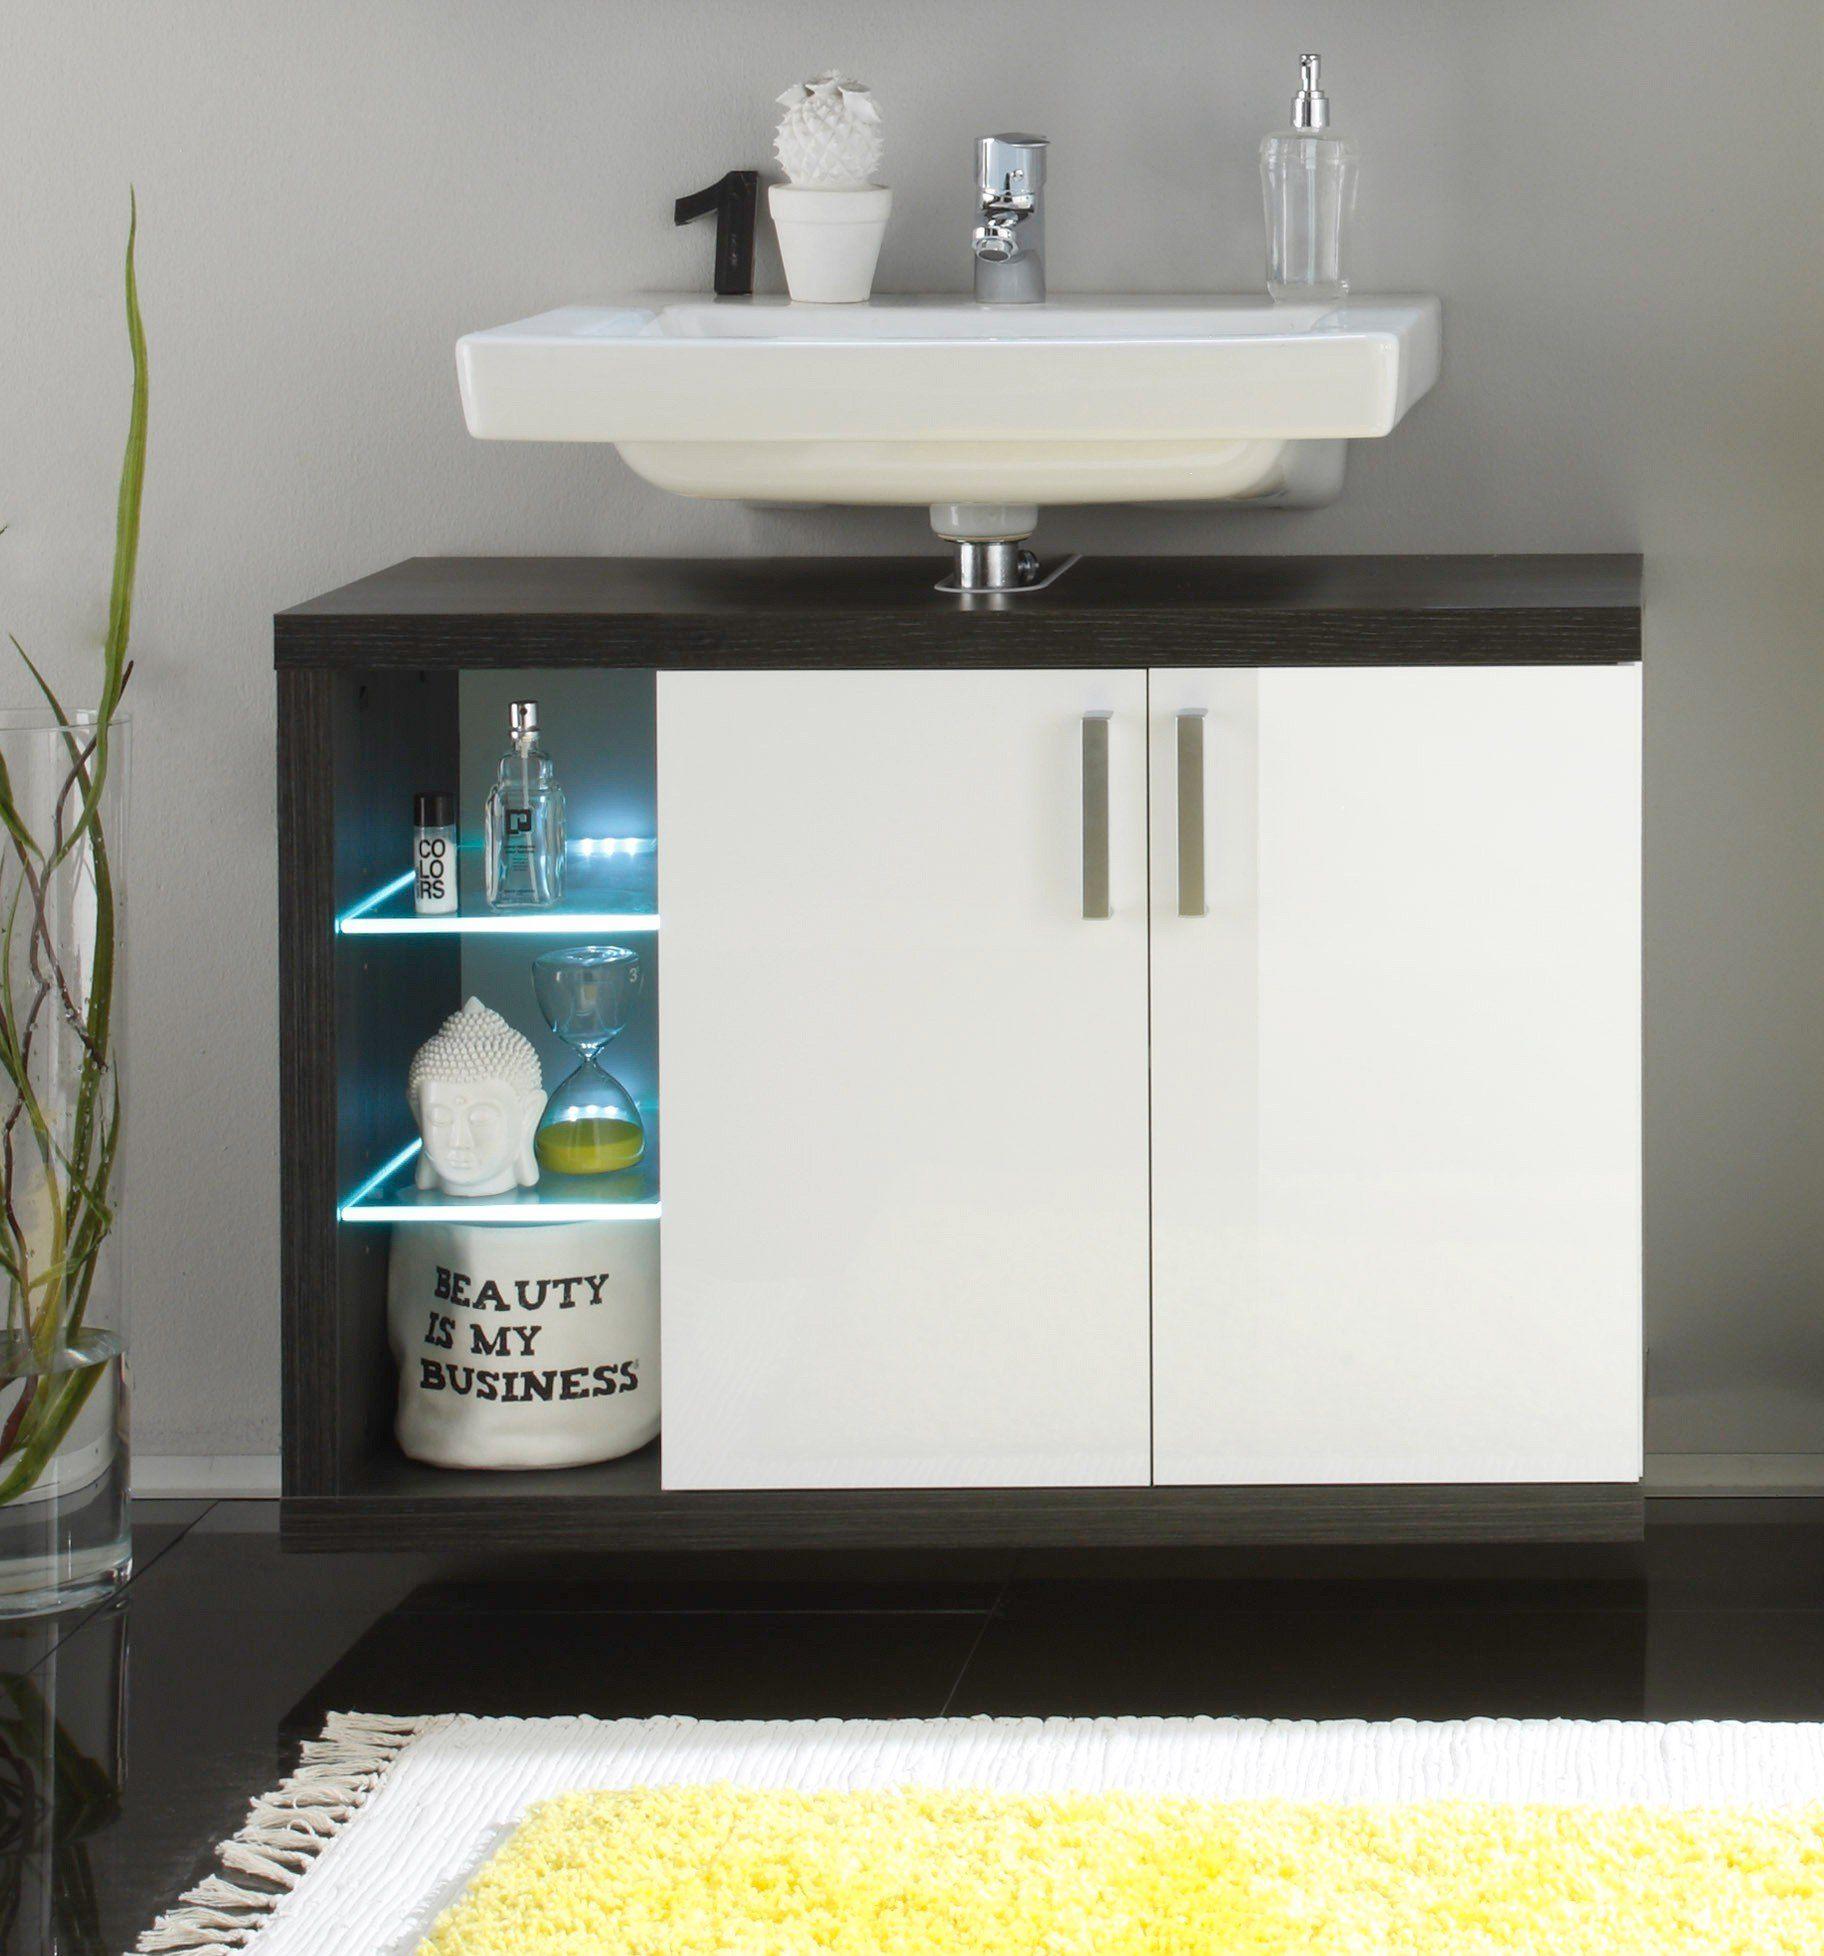 Lavabo Double Vasque Ikea Luxe Stock Meuble sous Vasque Ikea Magnifique Résultat Supérieur 50 Beau Vasque